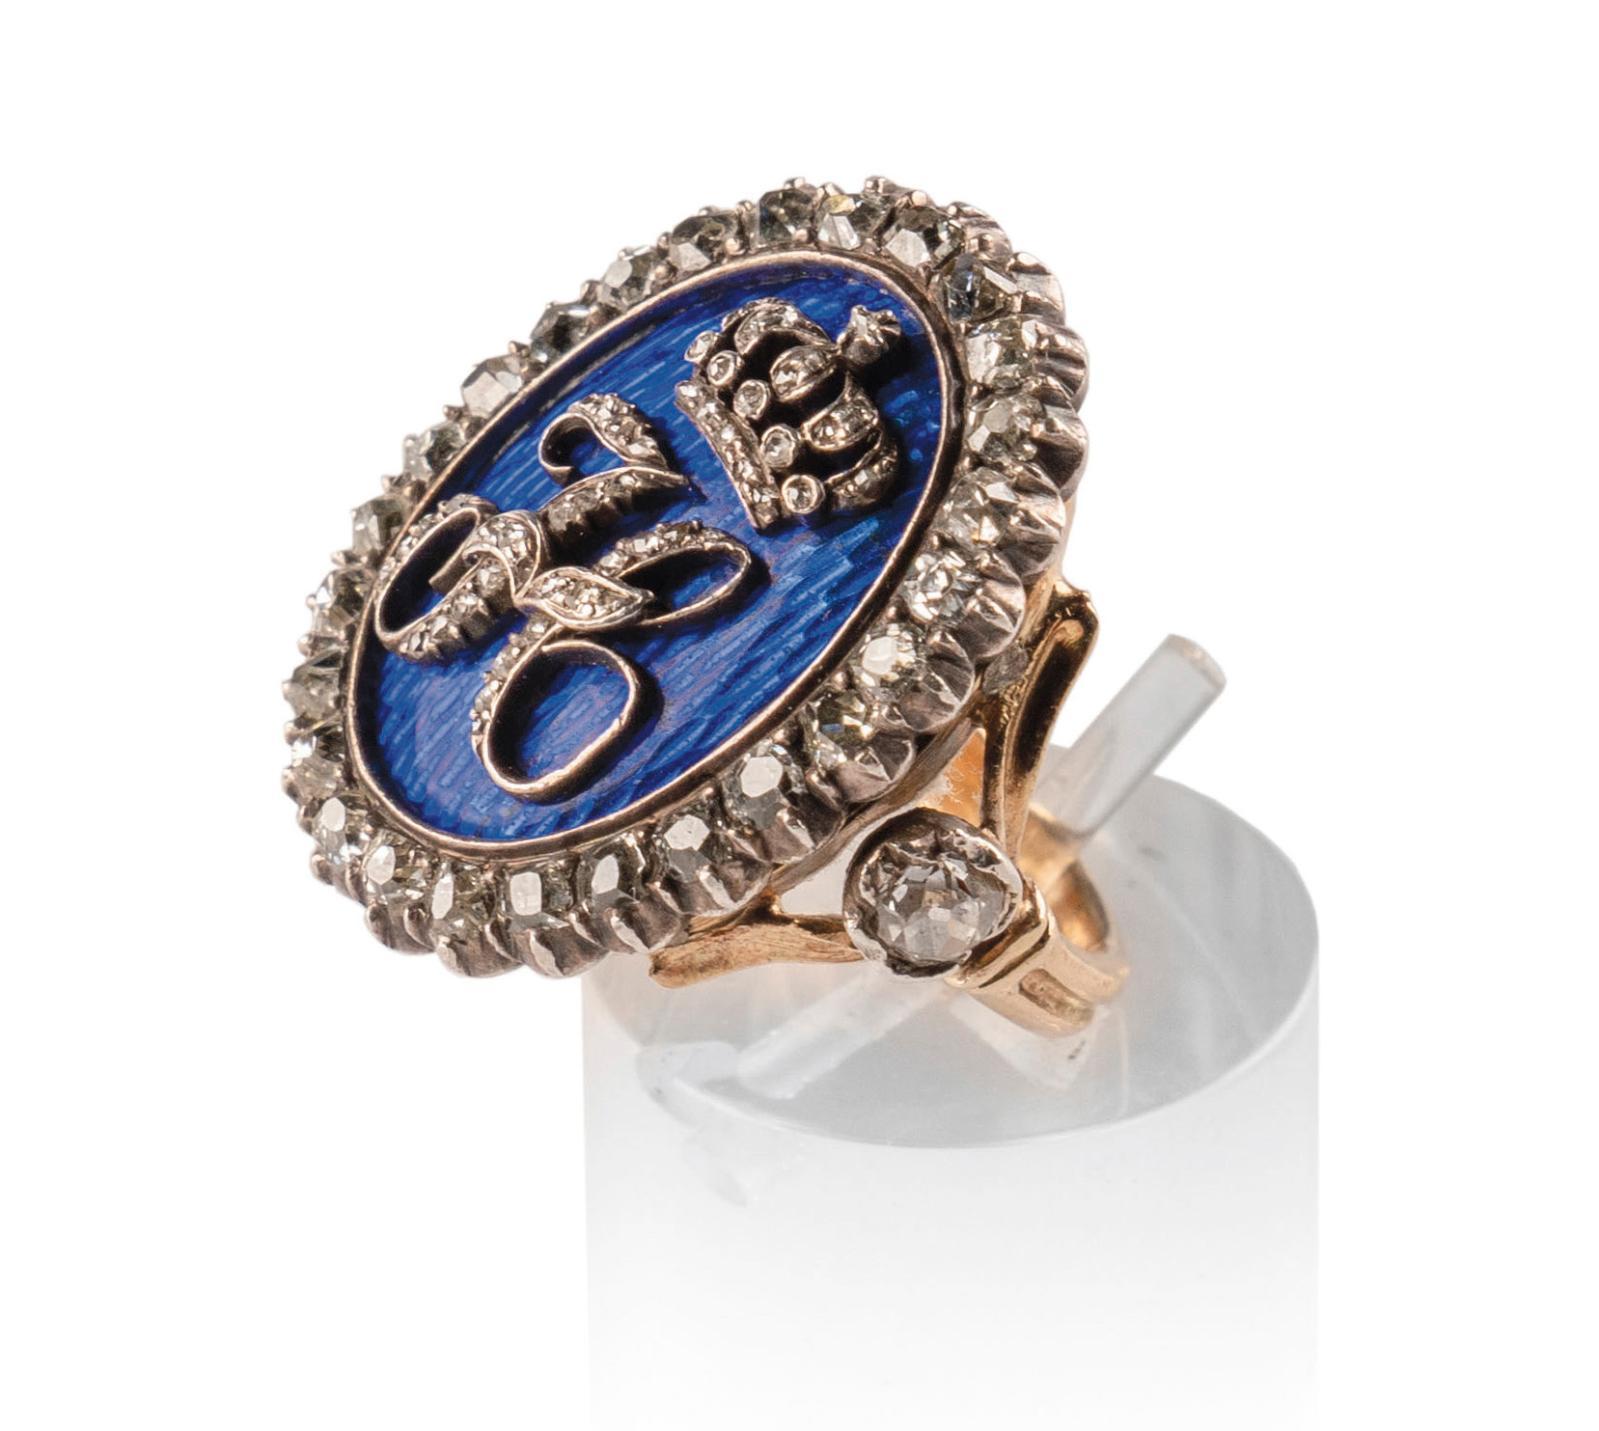 1810. Bague de la reine Hortense en or, diamants de taille ancienne et émail bleu à décor du «H» couronné. Estimation: 35000/40000€